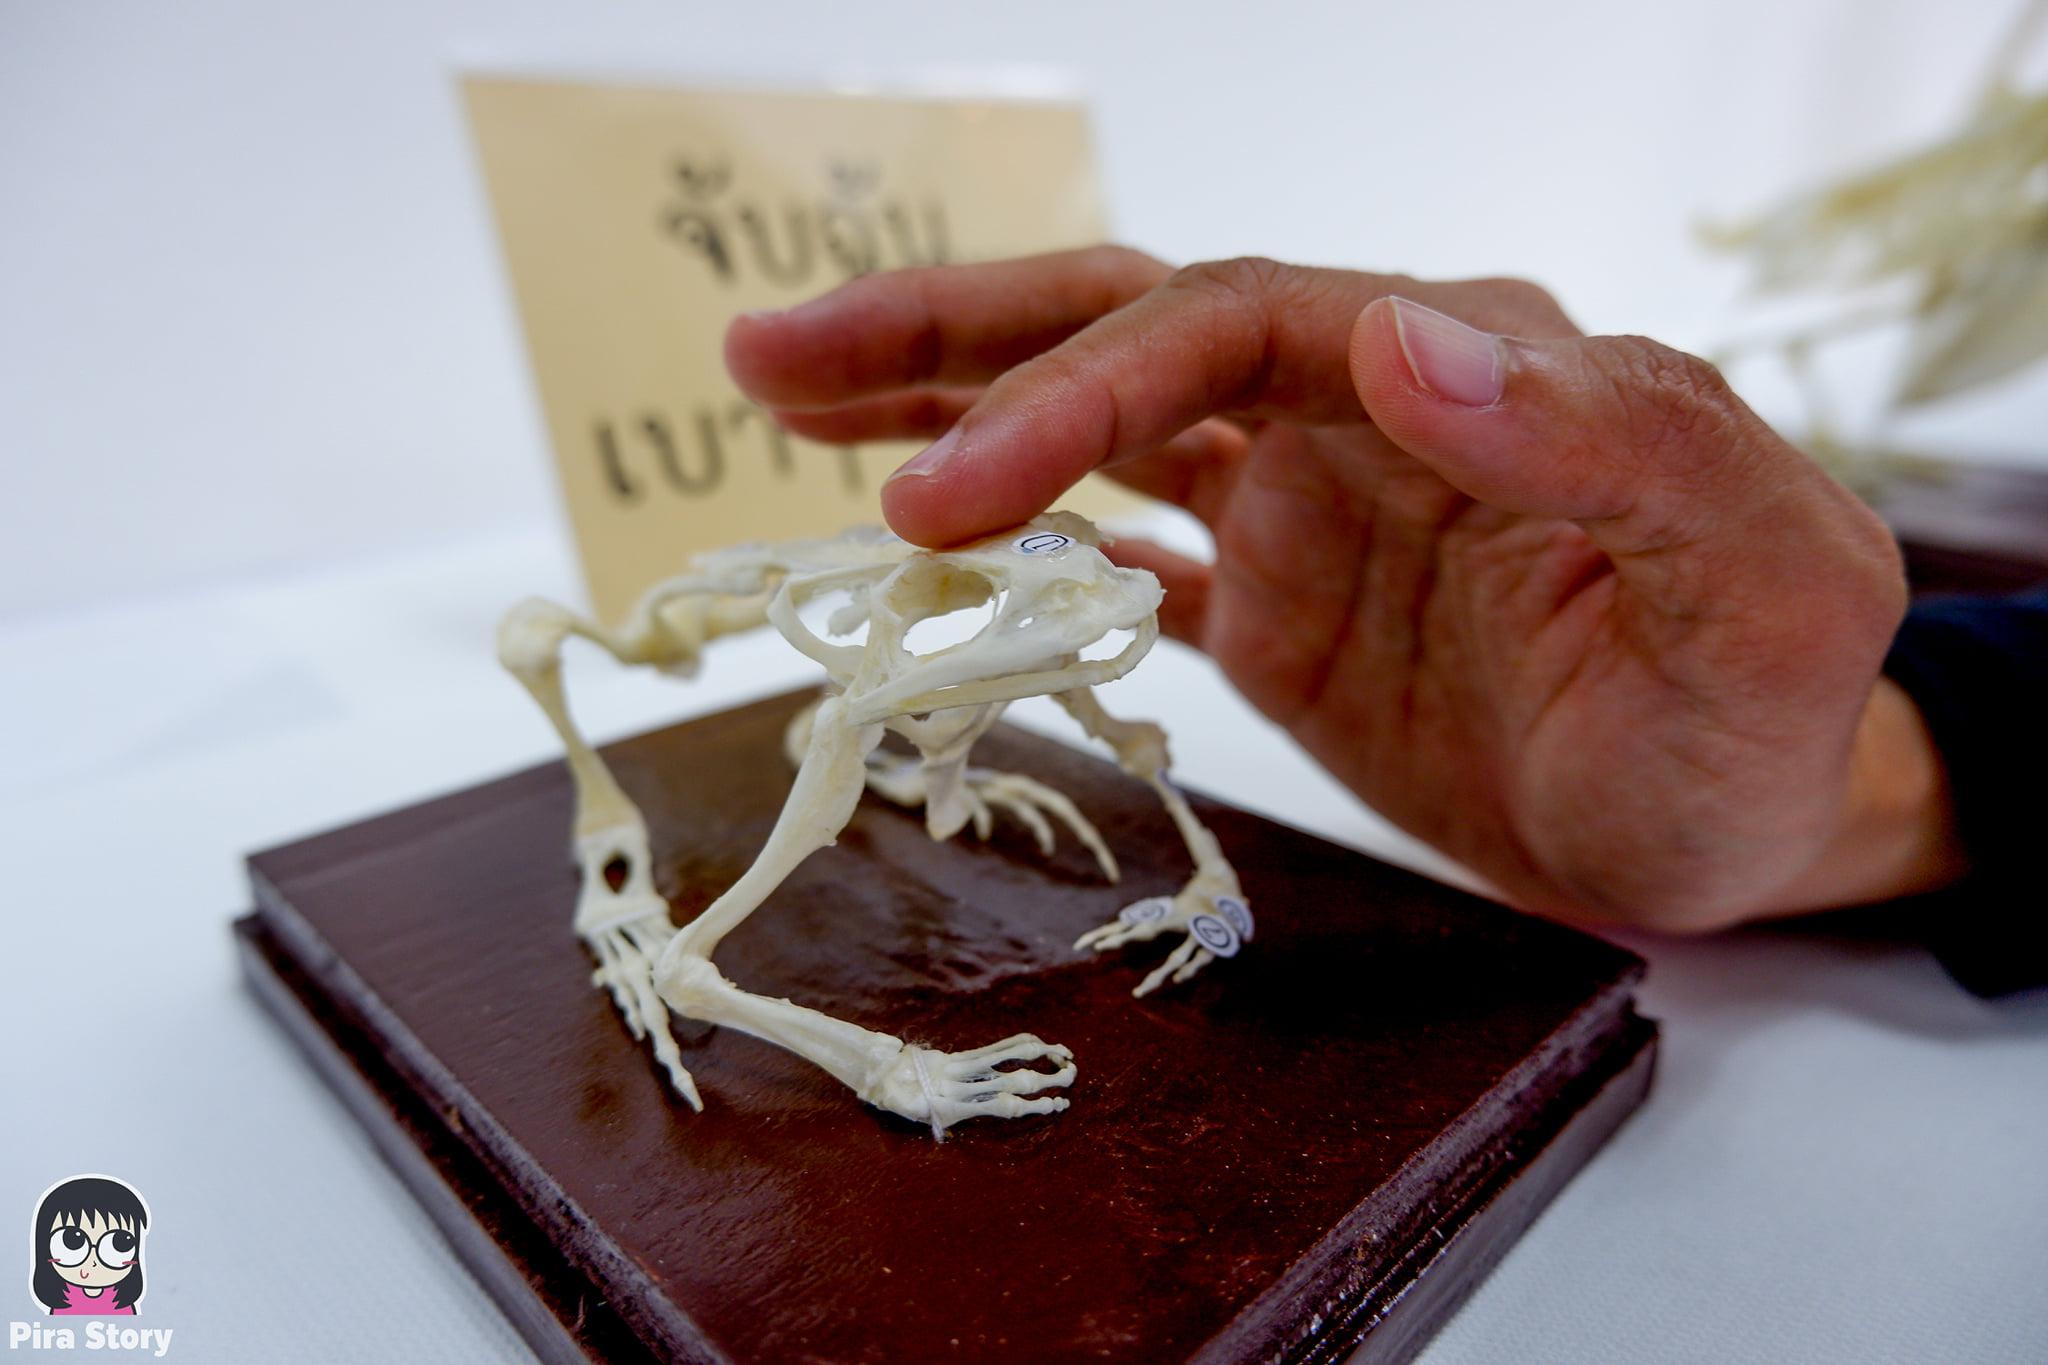 ความลับของโครงกระดูก Skeleton's Secrets ศึกษากายวิภาคสัตว์ ที่พิพิธภัณฑ์ จุฬาลงกรณ์มหาวิทยาลัย คณะวิทยาศาสตร์ ชีววิทยา Night at the museum 2020 เที่ยวพิพิธภัณฑ์ เที่ยวกรุงเทพ สยาม กระดูกสัตว์ กายวิภาคศาสตร์ โครงสร้างร่างกาย โครงสร้างกระดูก สัตว์เลี้ยงลูกด้วยนม สัตว์มีกระดูกสันหลัง กระดูกกบ โครงสร้างกบ ผ่ากบ